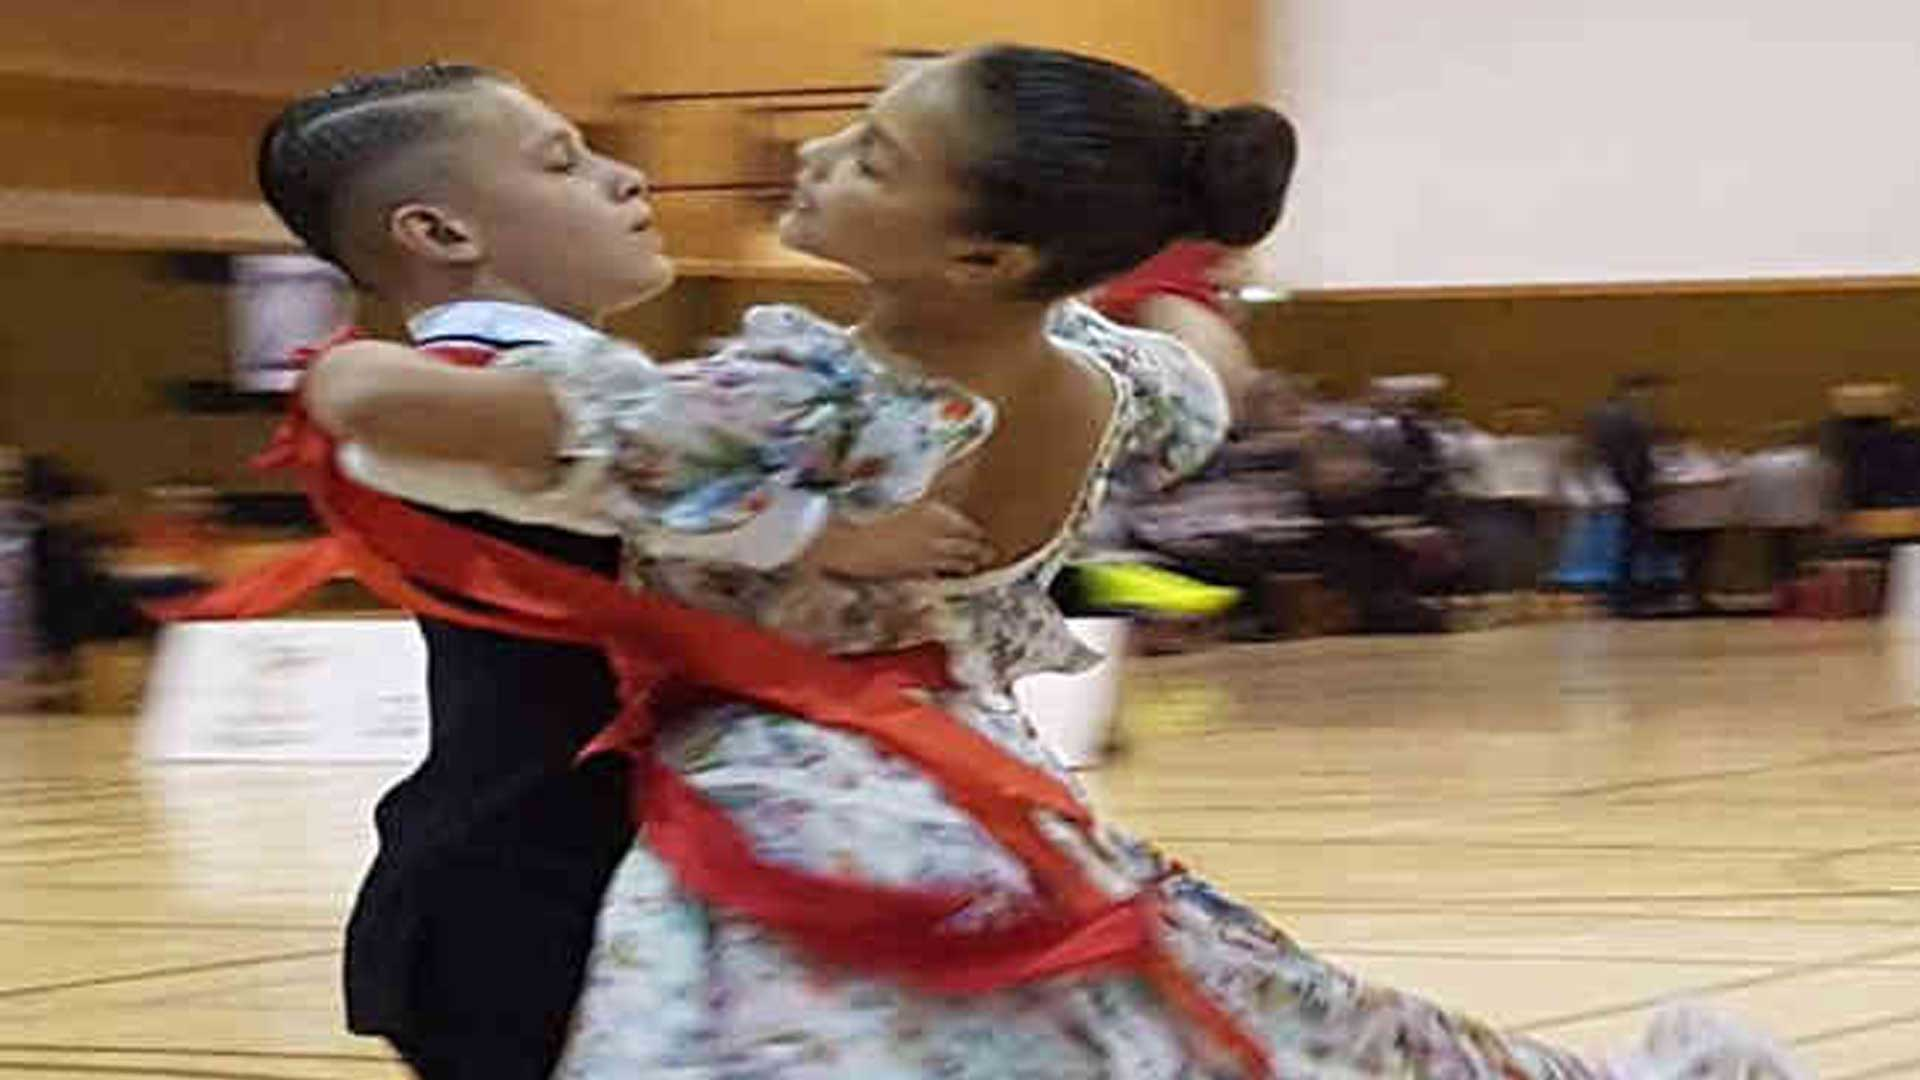 Spirit_of_Dance_Tanzsportclub_Sankt_Poelten_Angebot_Standard_Taenze_1920x1080